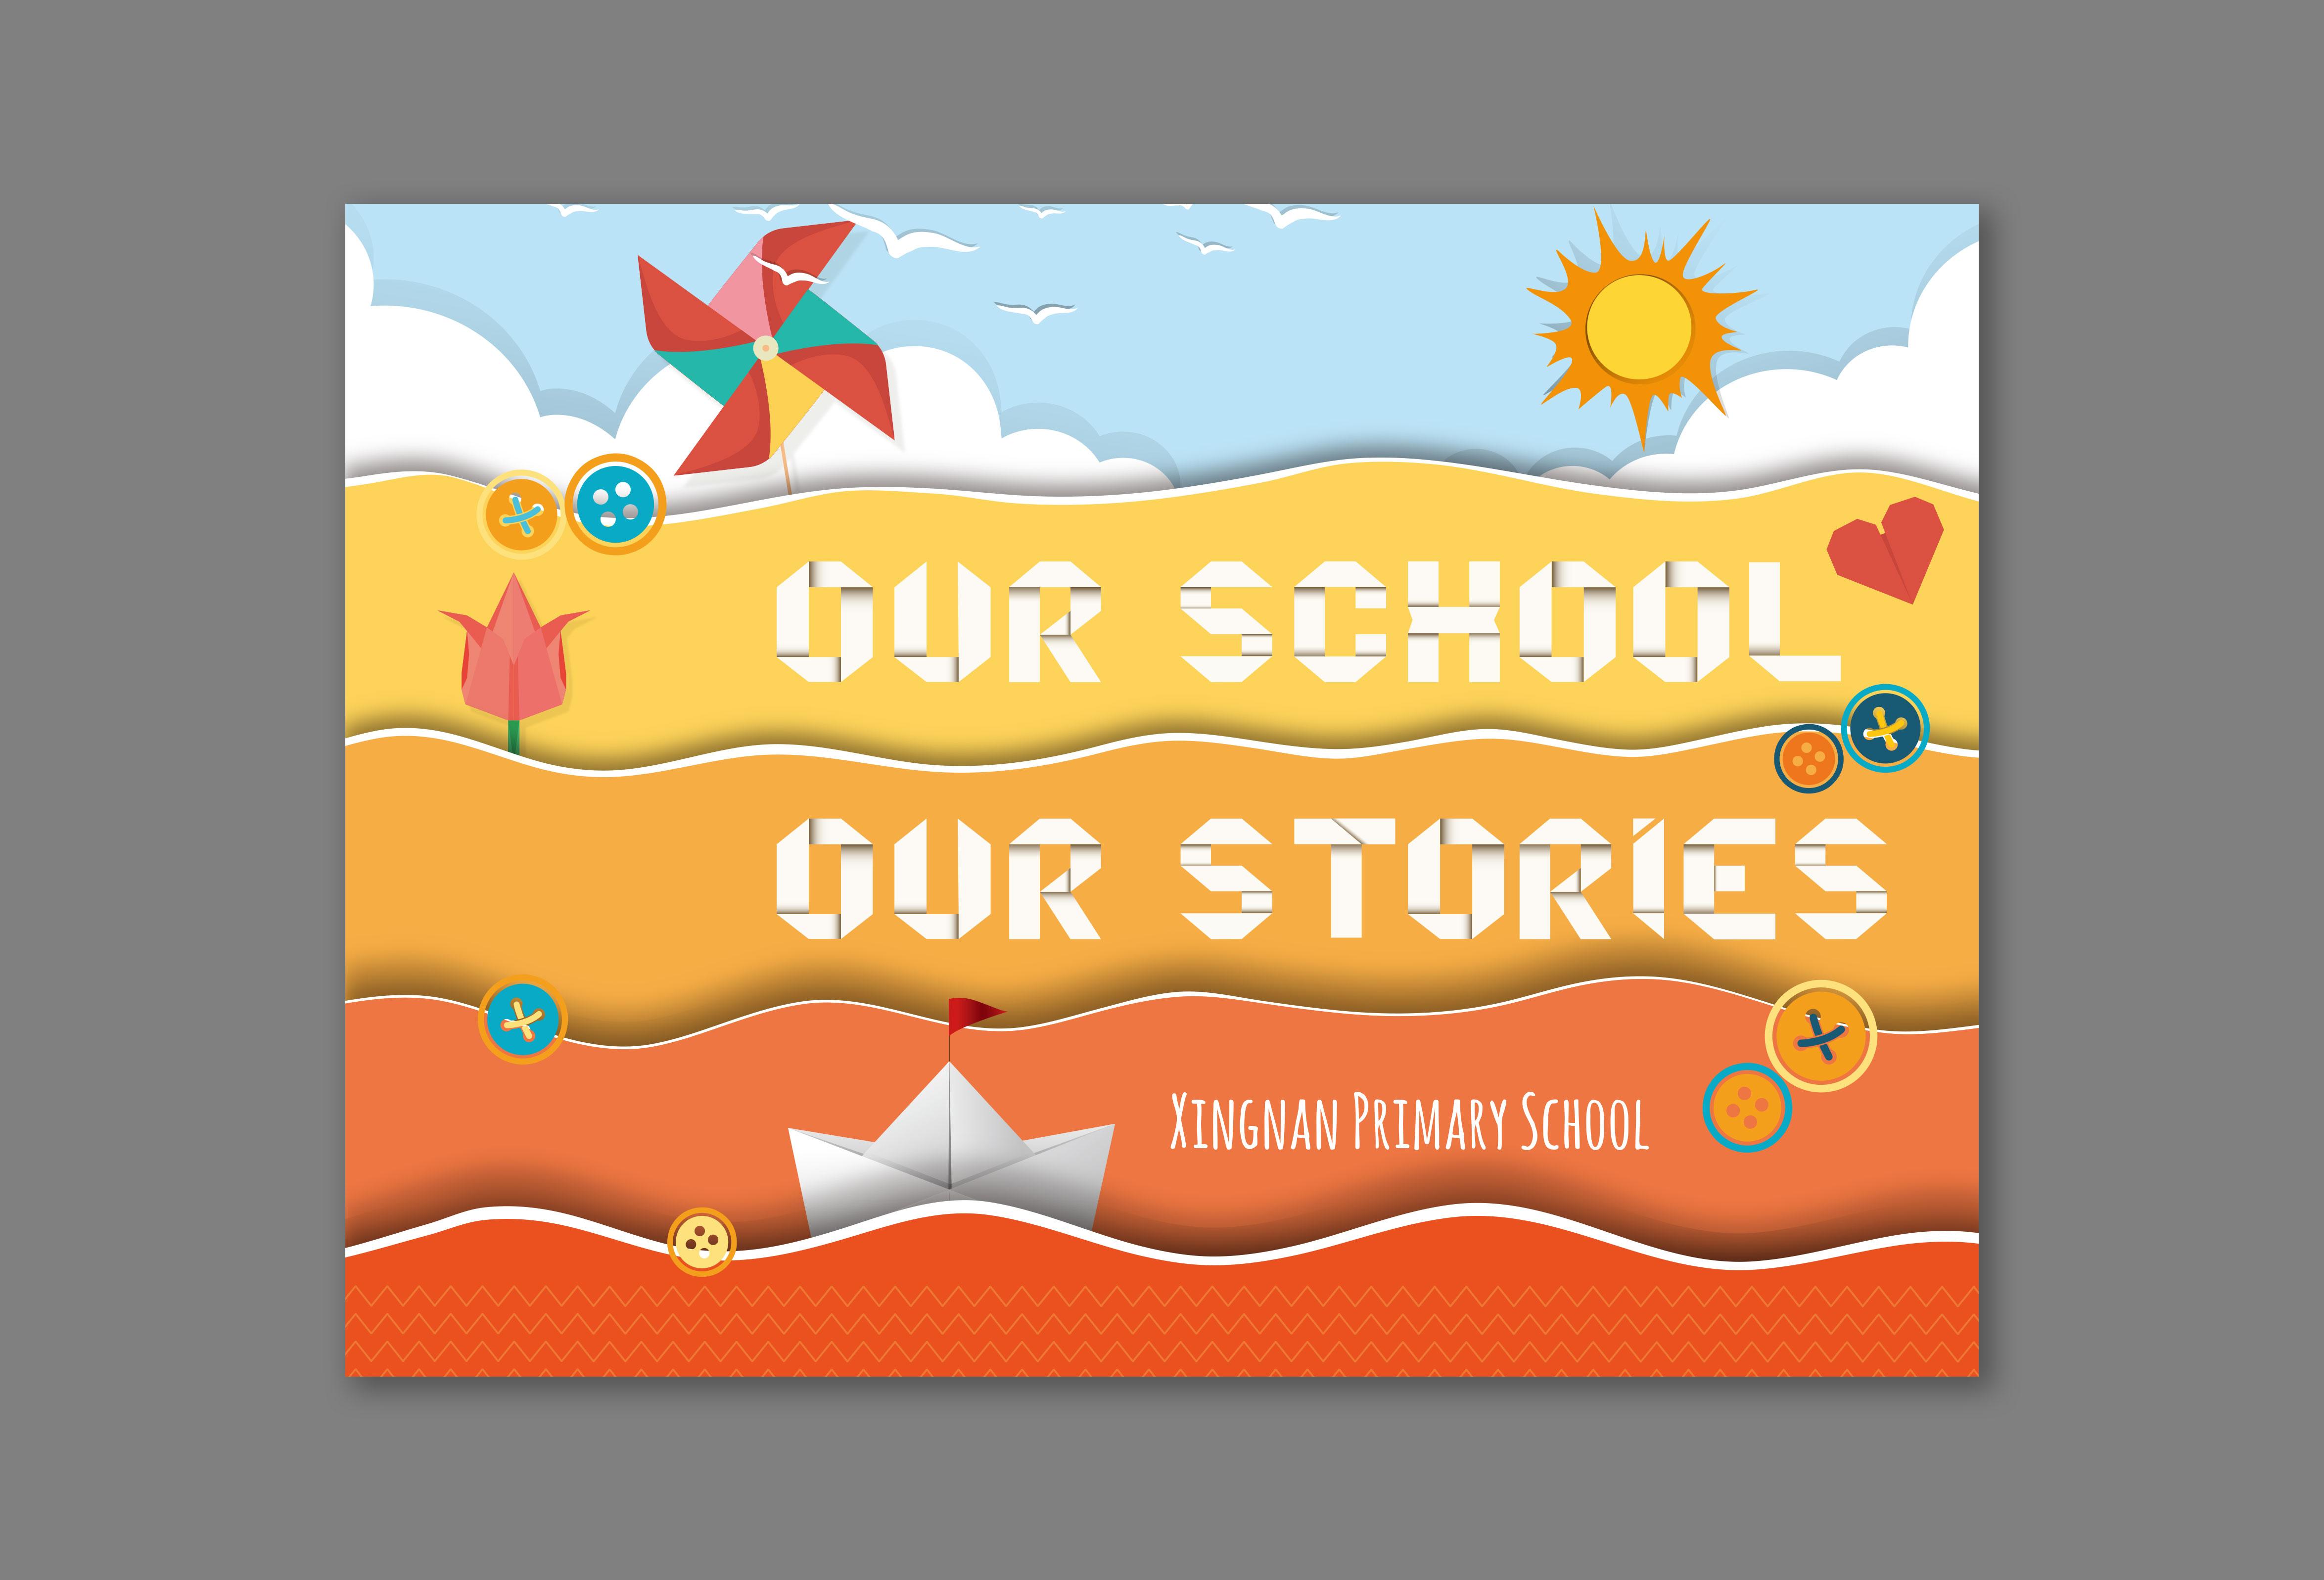 Xingnan Primary School Yearbook Cover